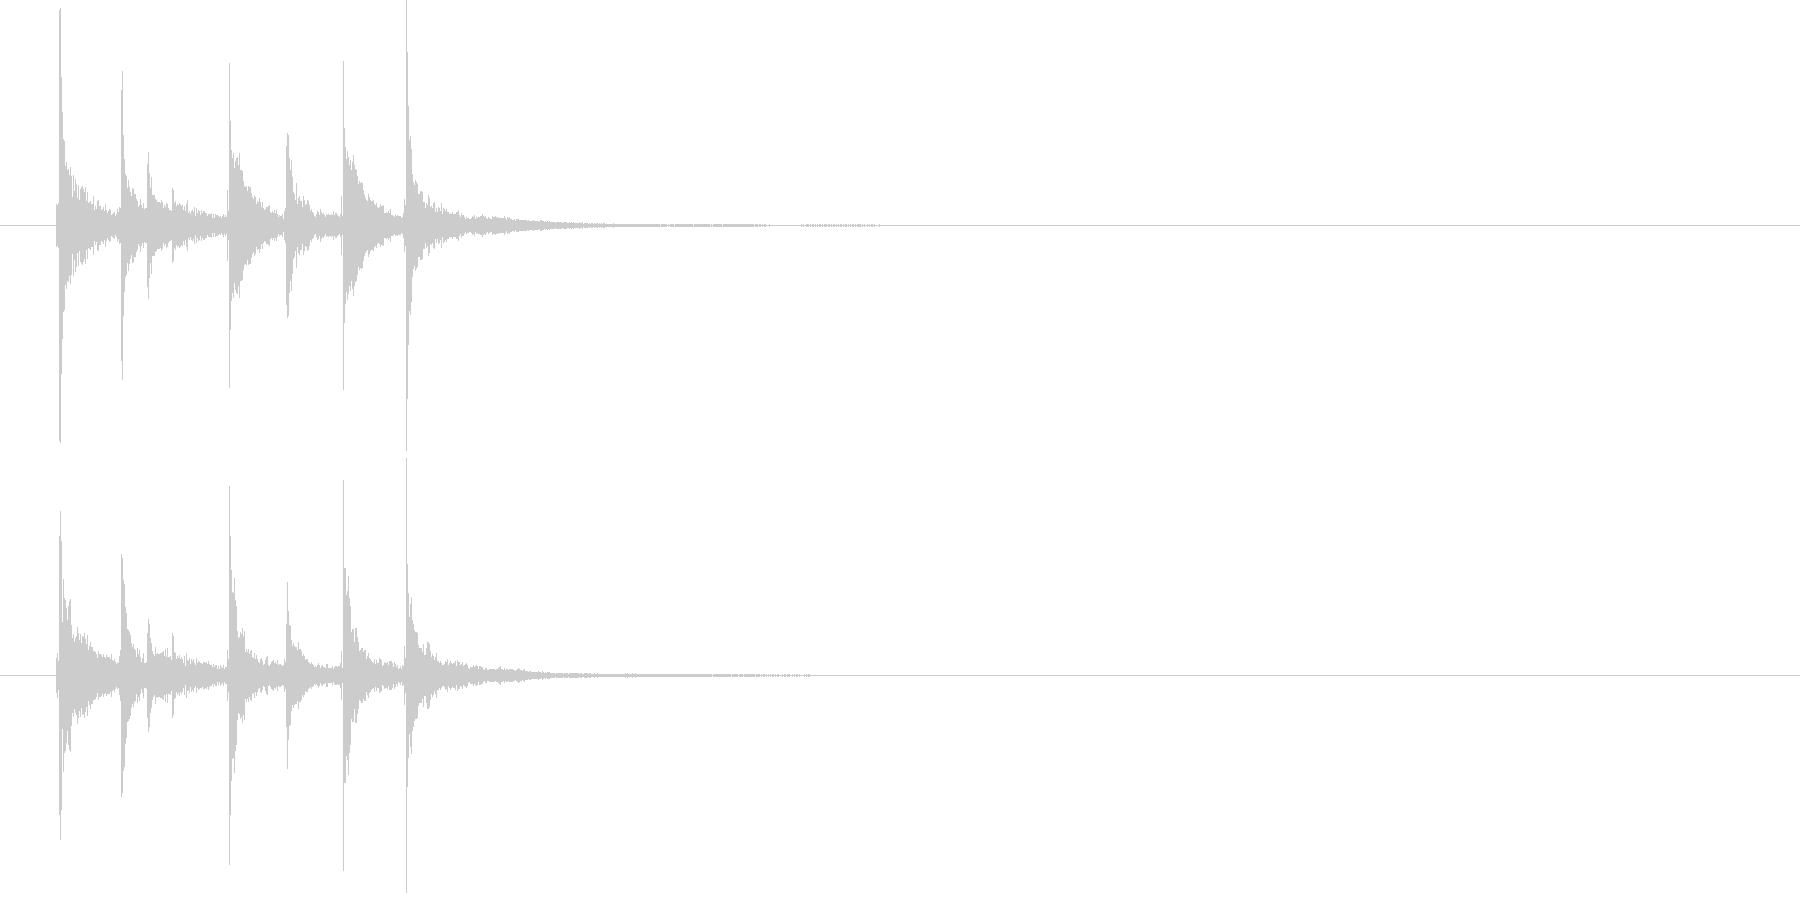 和の素材_三味線の短いフレーズ1の未再生の波形